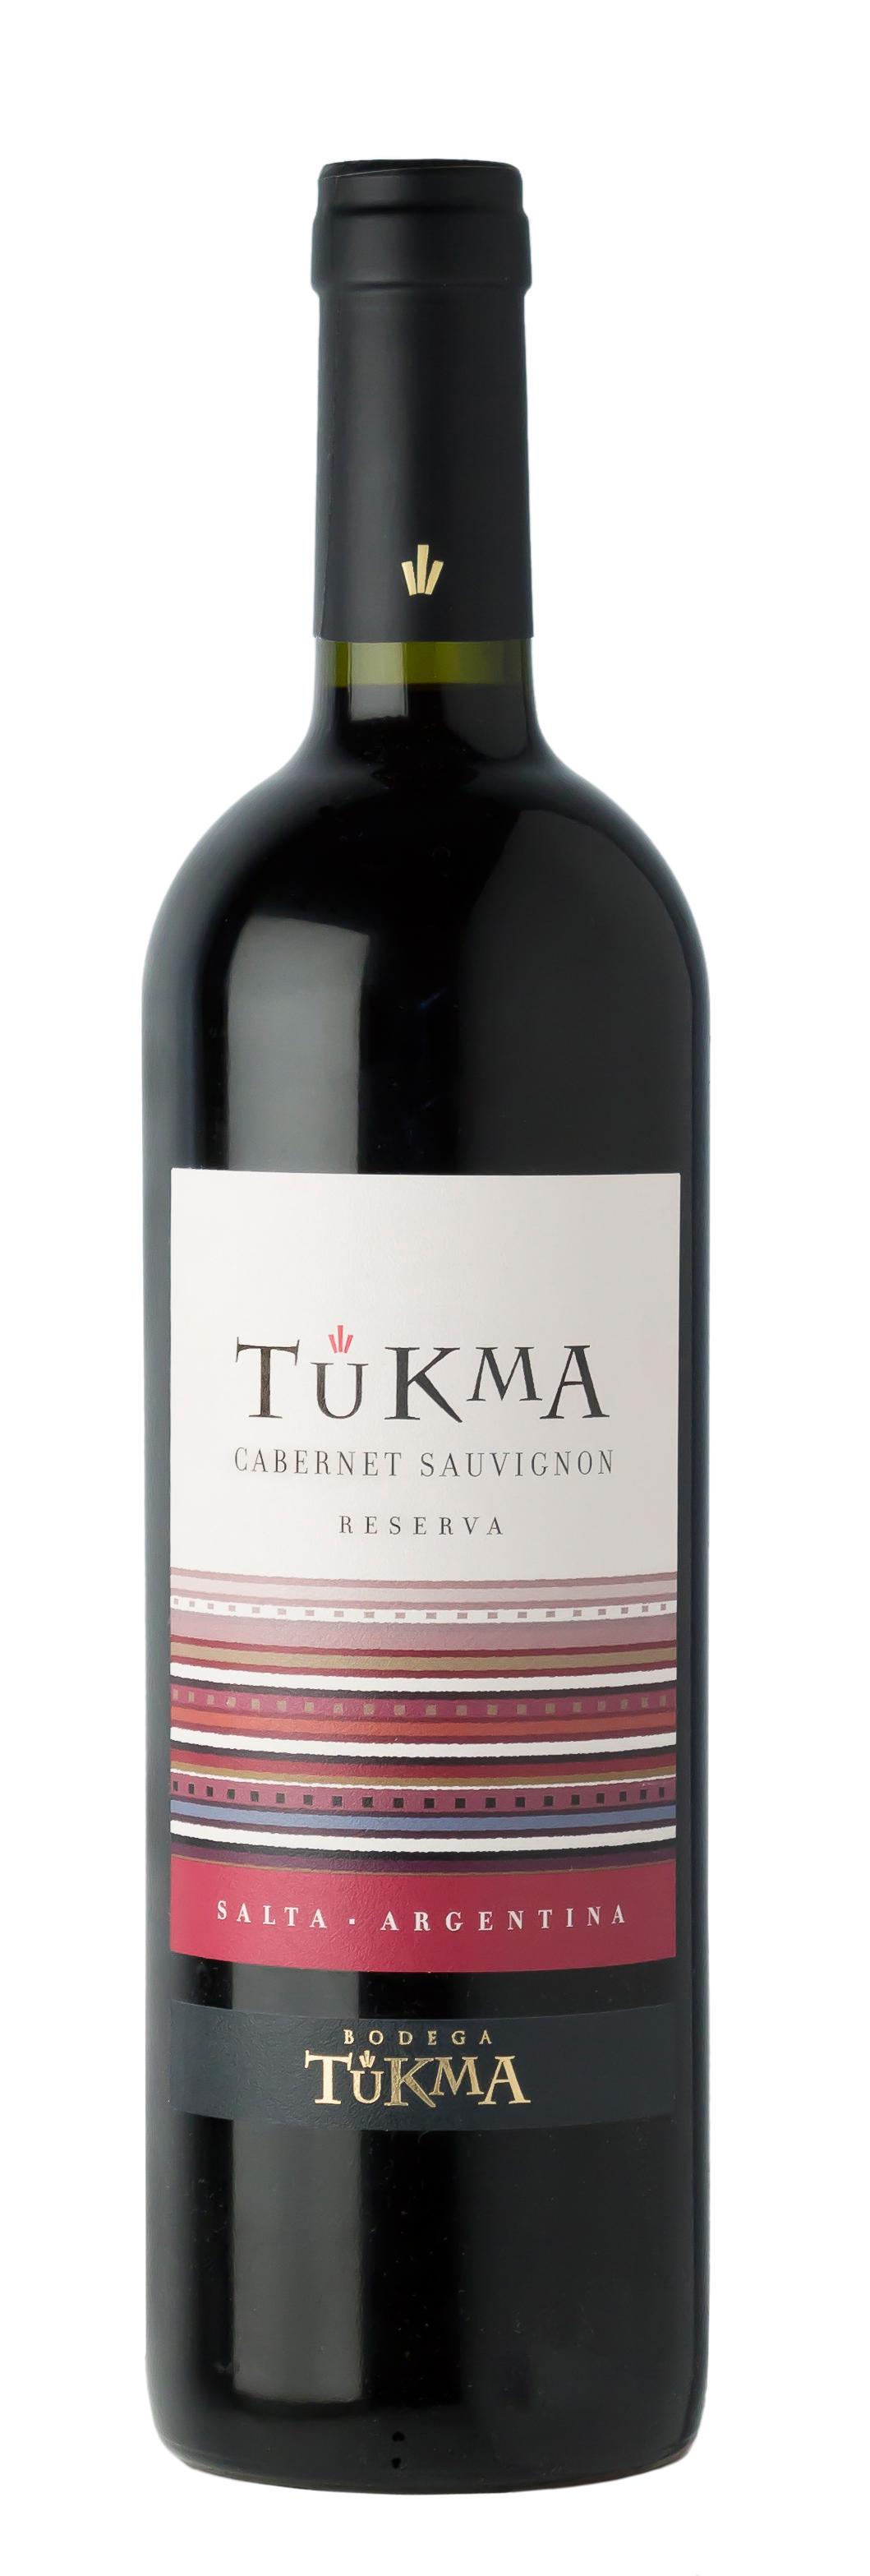 Tukma Cabernet Sauvignon 2017/2018